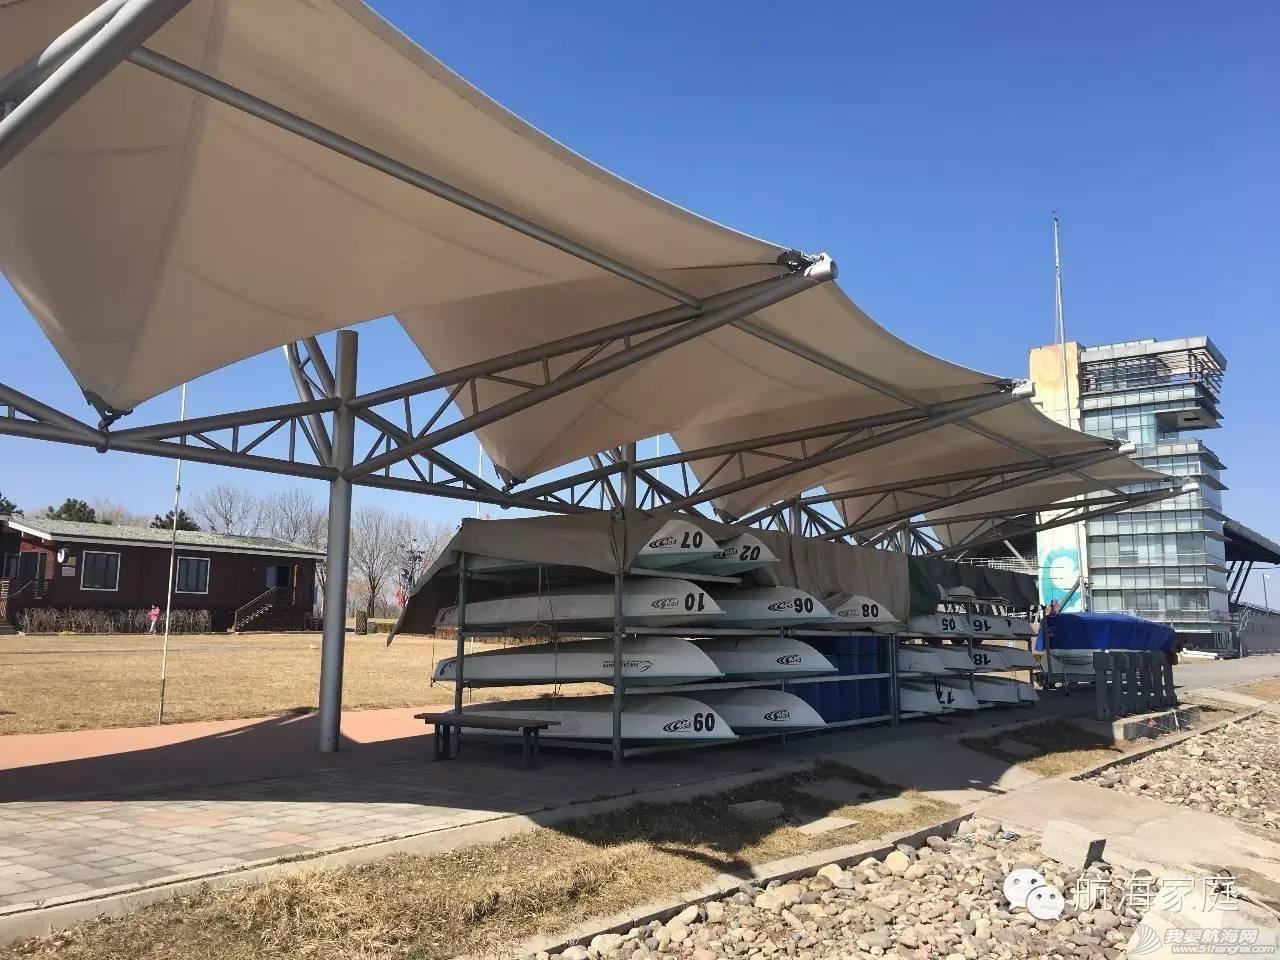 北京奥运会,水上项目,帆船运动,马拉松,俱乐部 「峰冒险」与它的伙伴们第一期:北京奥帆航海俱乐部 0d2011f09f78b5d0e0c104b0bcdfc8f4.jpg